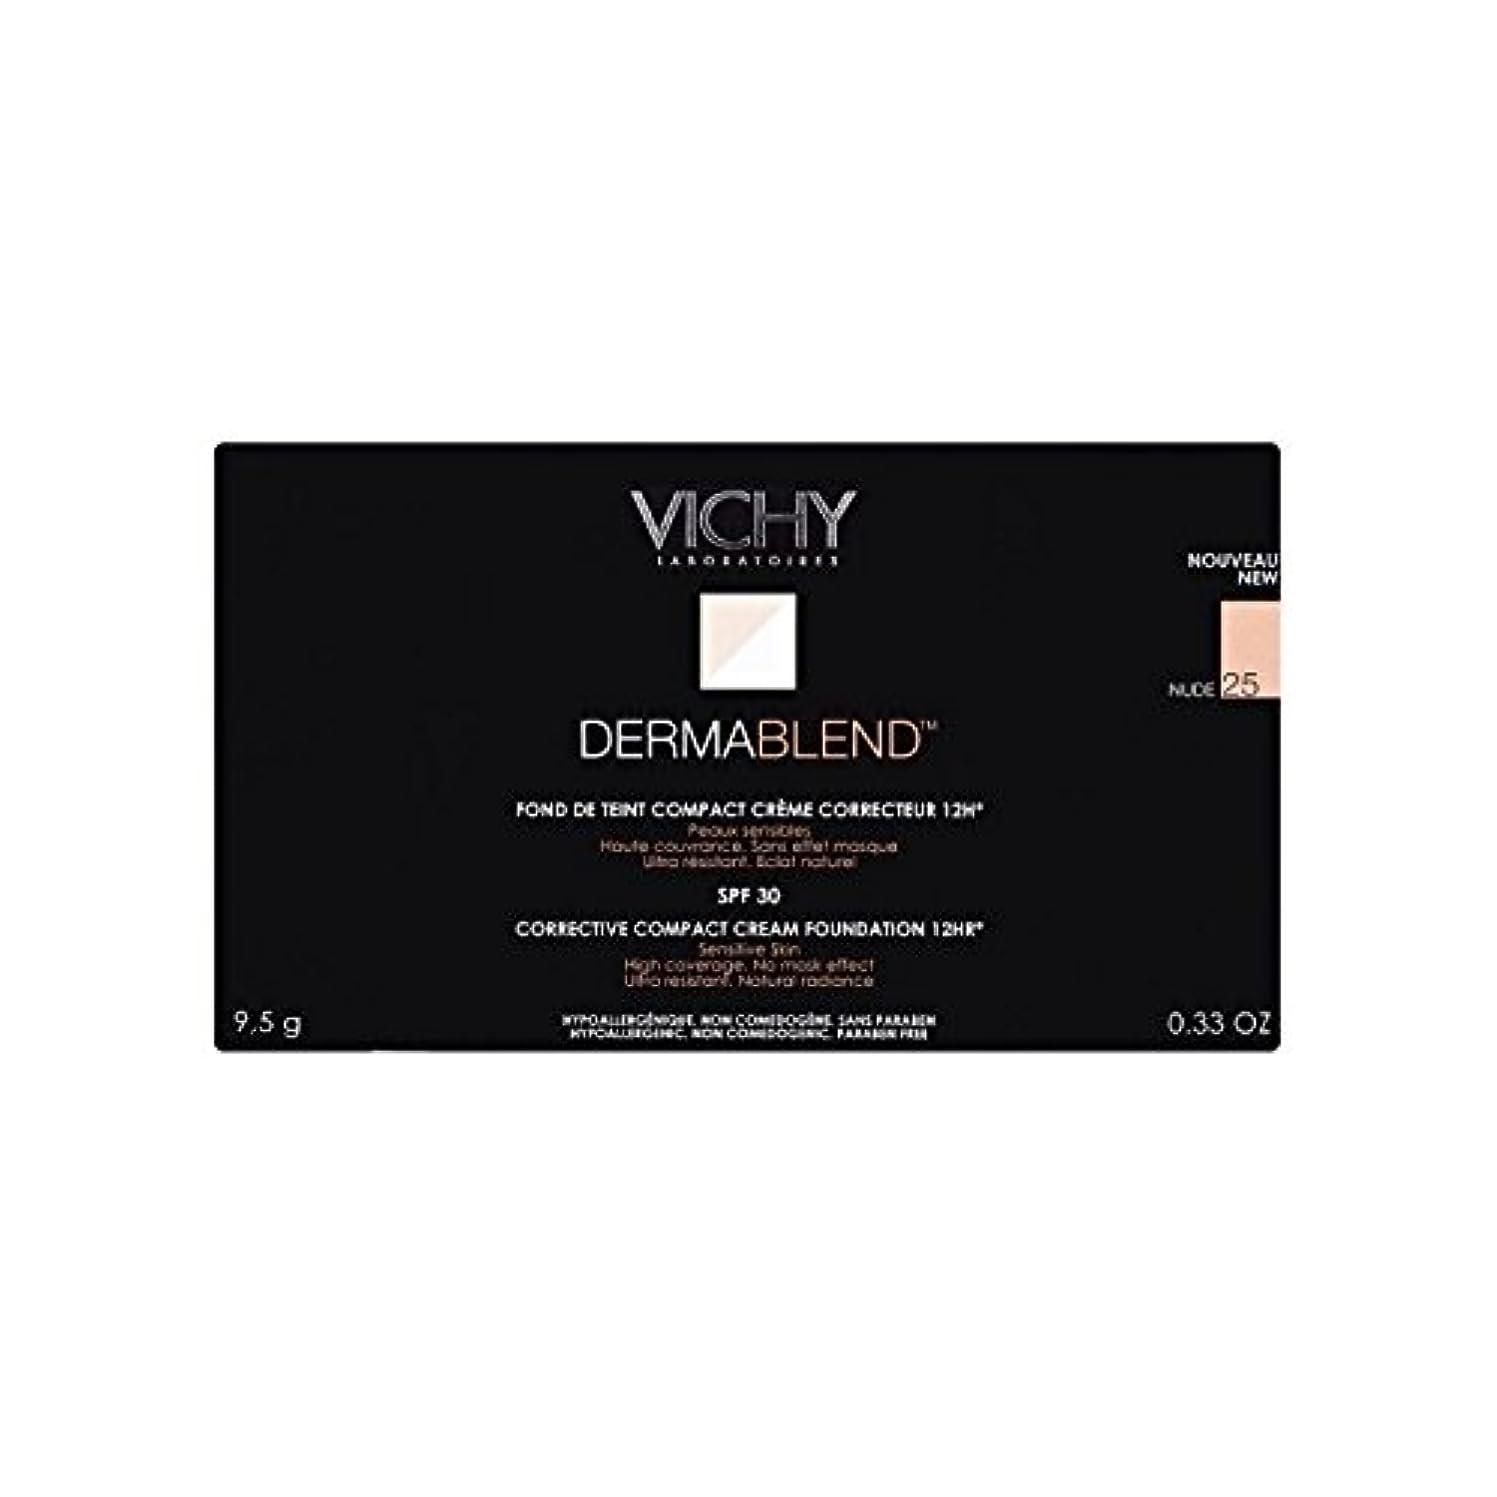 グラフ提案ラダ25ヌードヴィシー是正コンパクトクリームファンデーション x4 - Vichy Dermablend Corrective Compact Cream Foundation Nude 25 (Pack of 4) [並行輸入品]